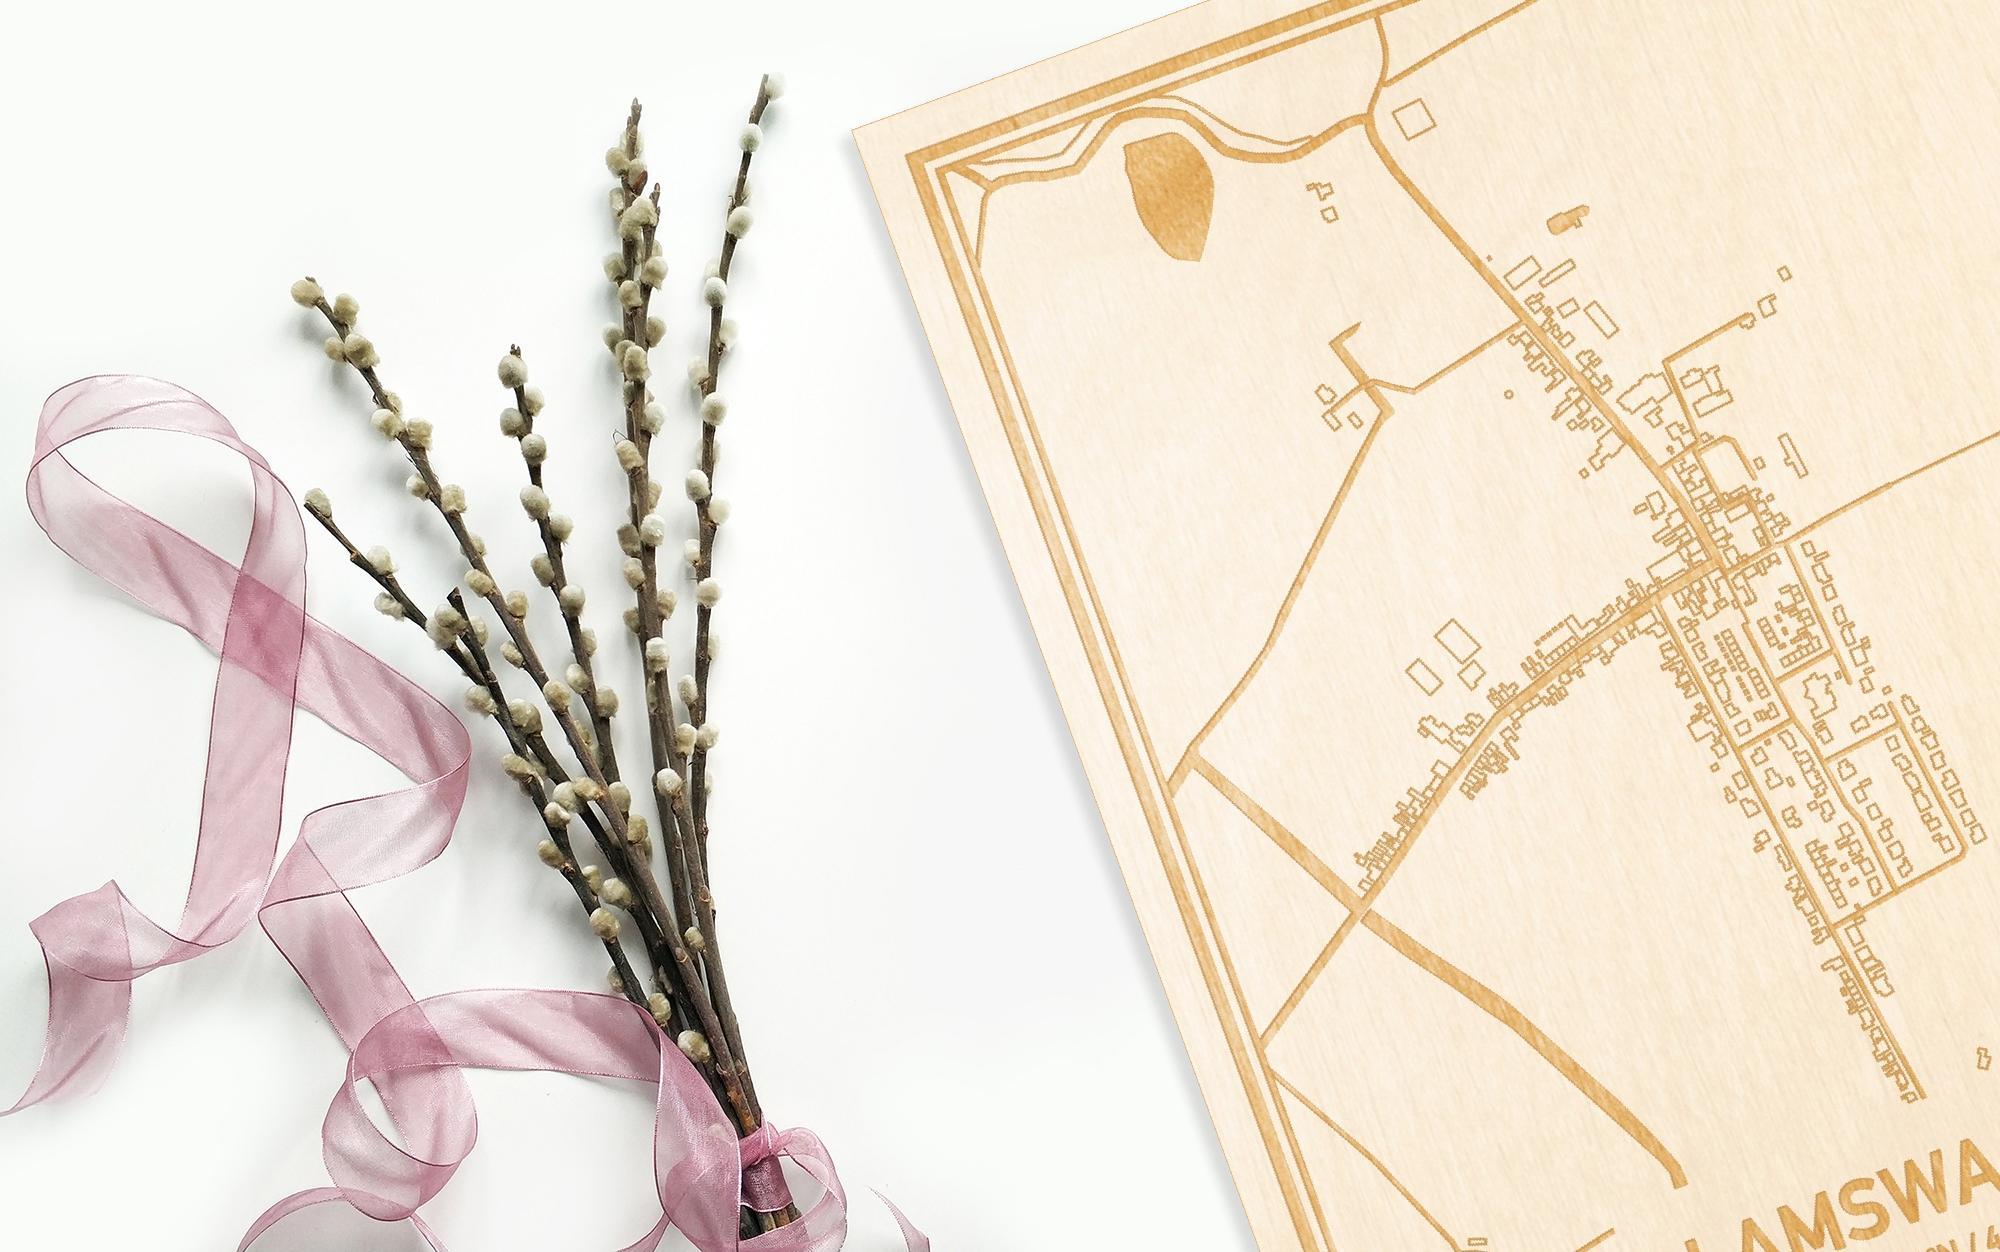 Hier ligt de houten plattegrond Lamswaarde naast een bloemetje als gepersonaliseerd cadeau voor haar.